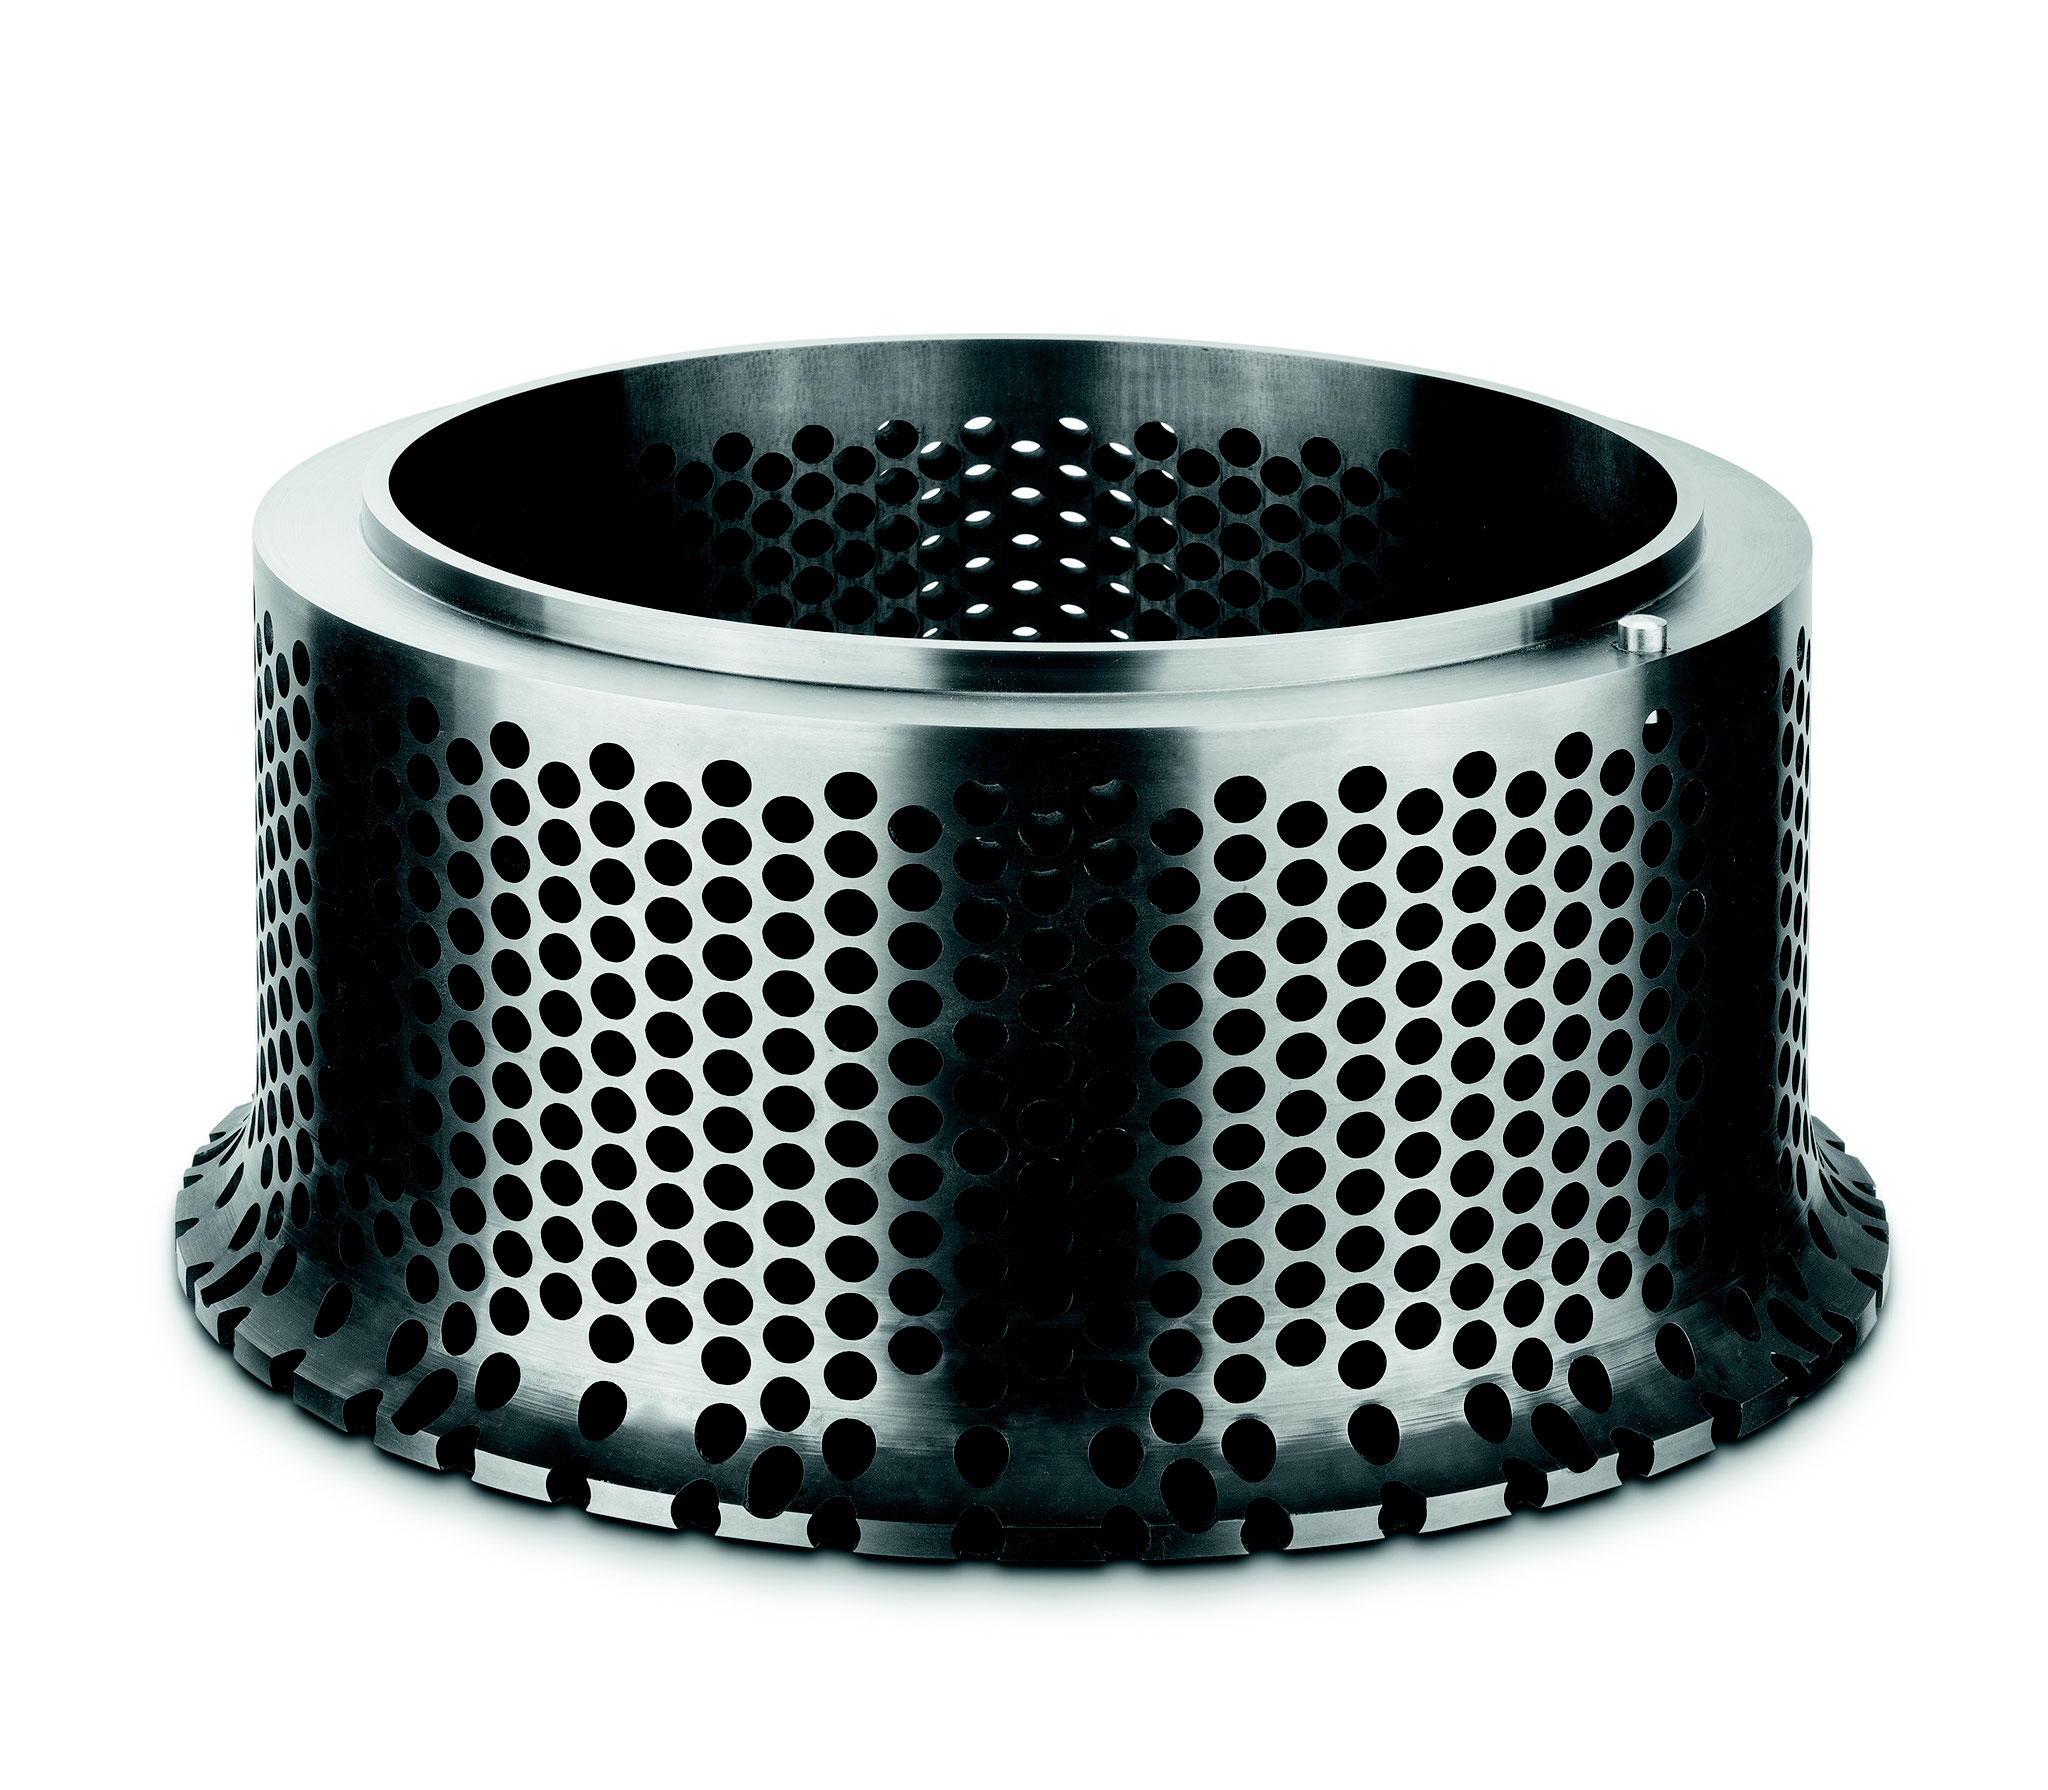 Das Hartmetall GD08NC mit einem speziellen Nickel-Chrom-Binder zeigt eine deutlich stärkere Resistenz gegen Verschleiß als gehärteter Werkzeugstahl